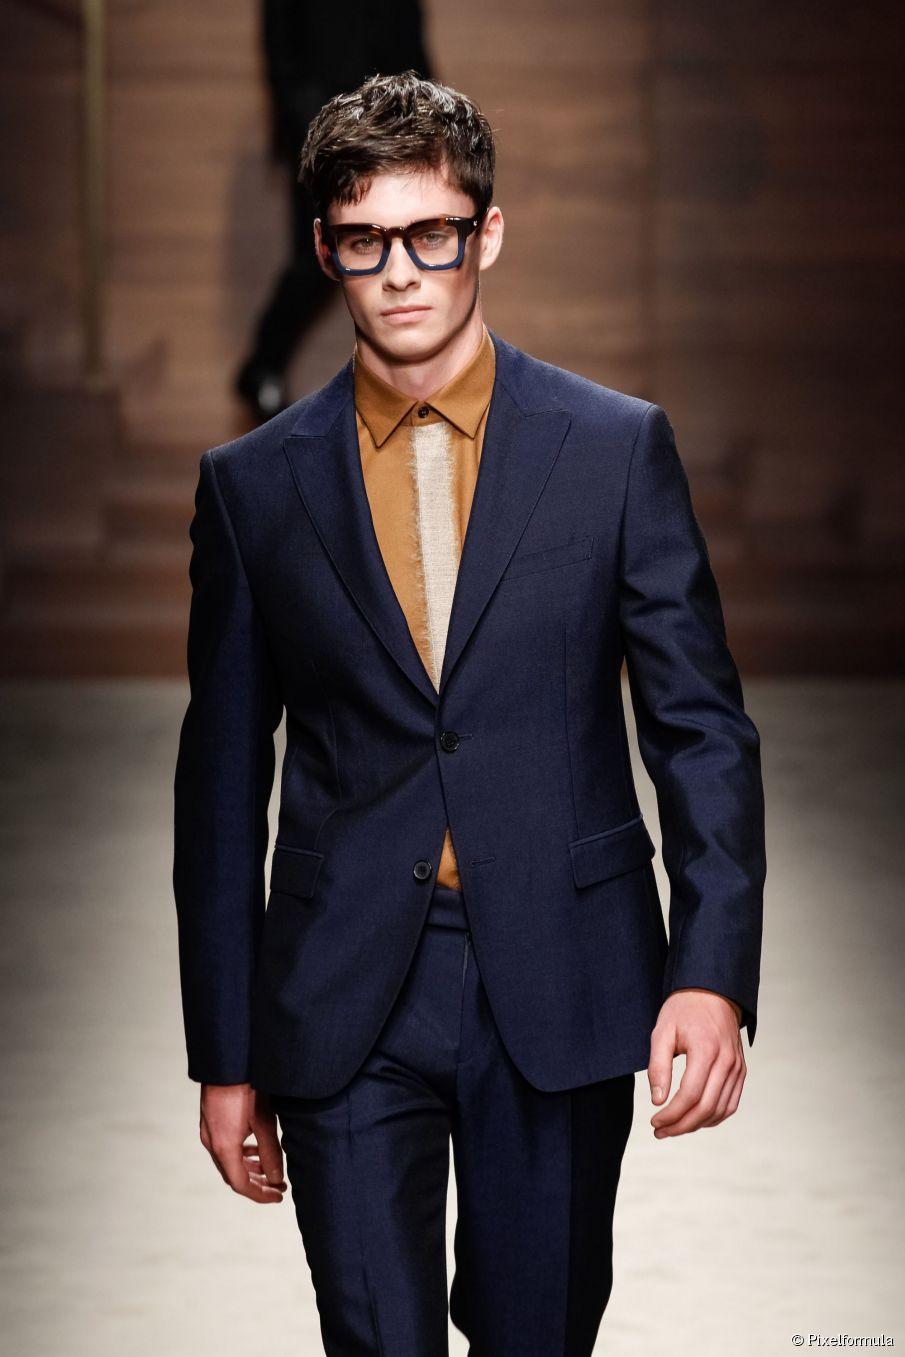 Men's Date Nacht Frisuren: sieht aus, um zu fallen